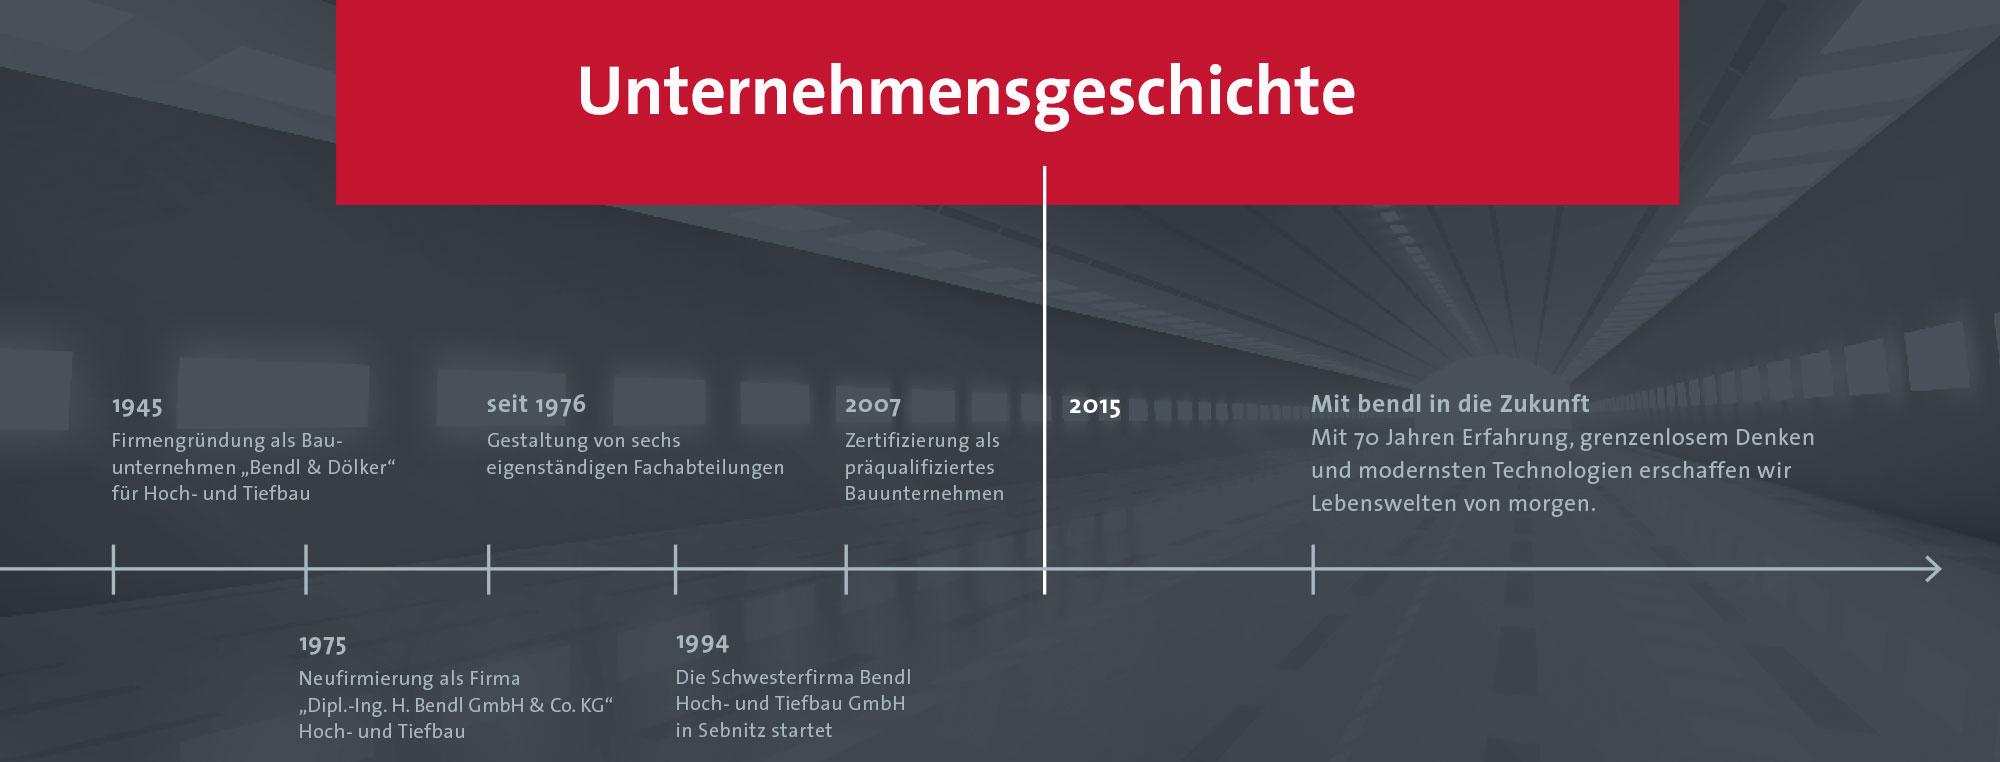 Unternehmensgeschichte Bauunternehmen bendl